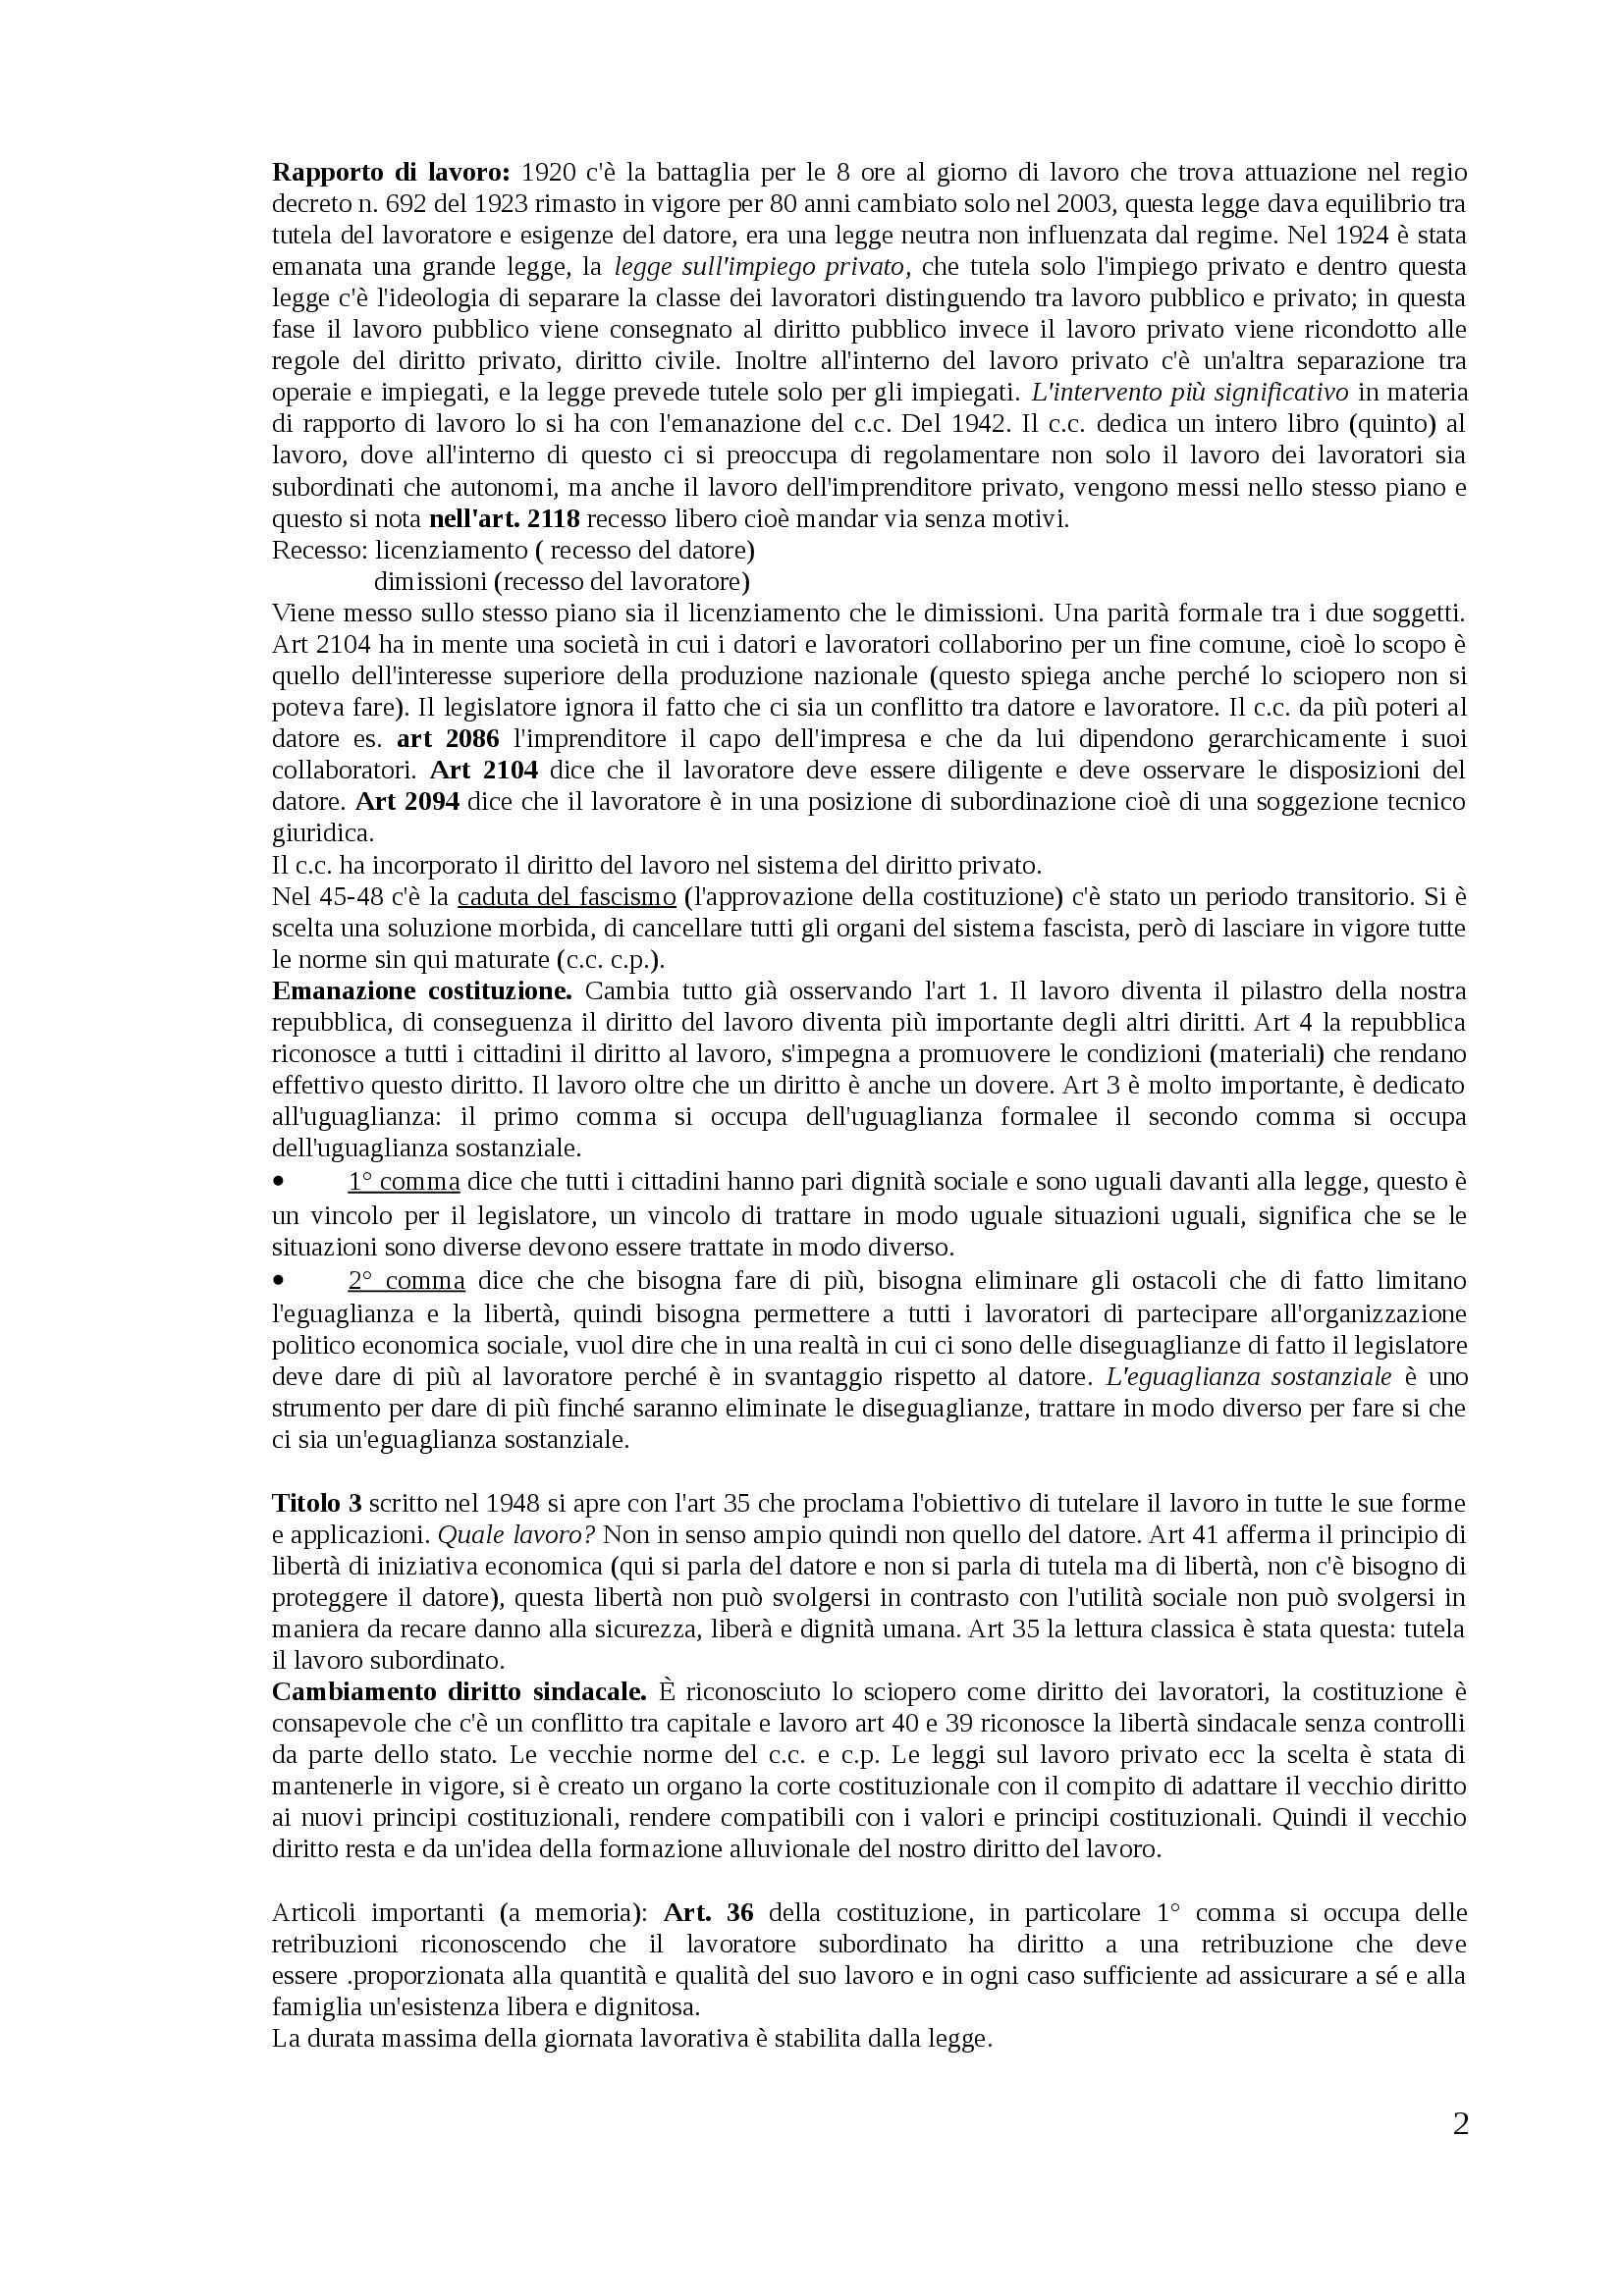 Diritto del lavoro - Appunti Pag. 2